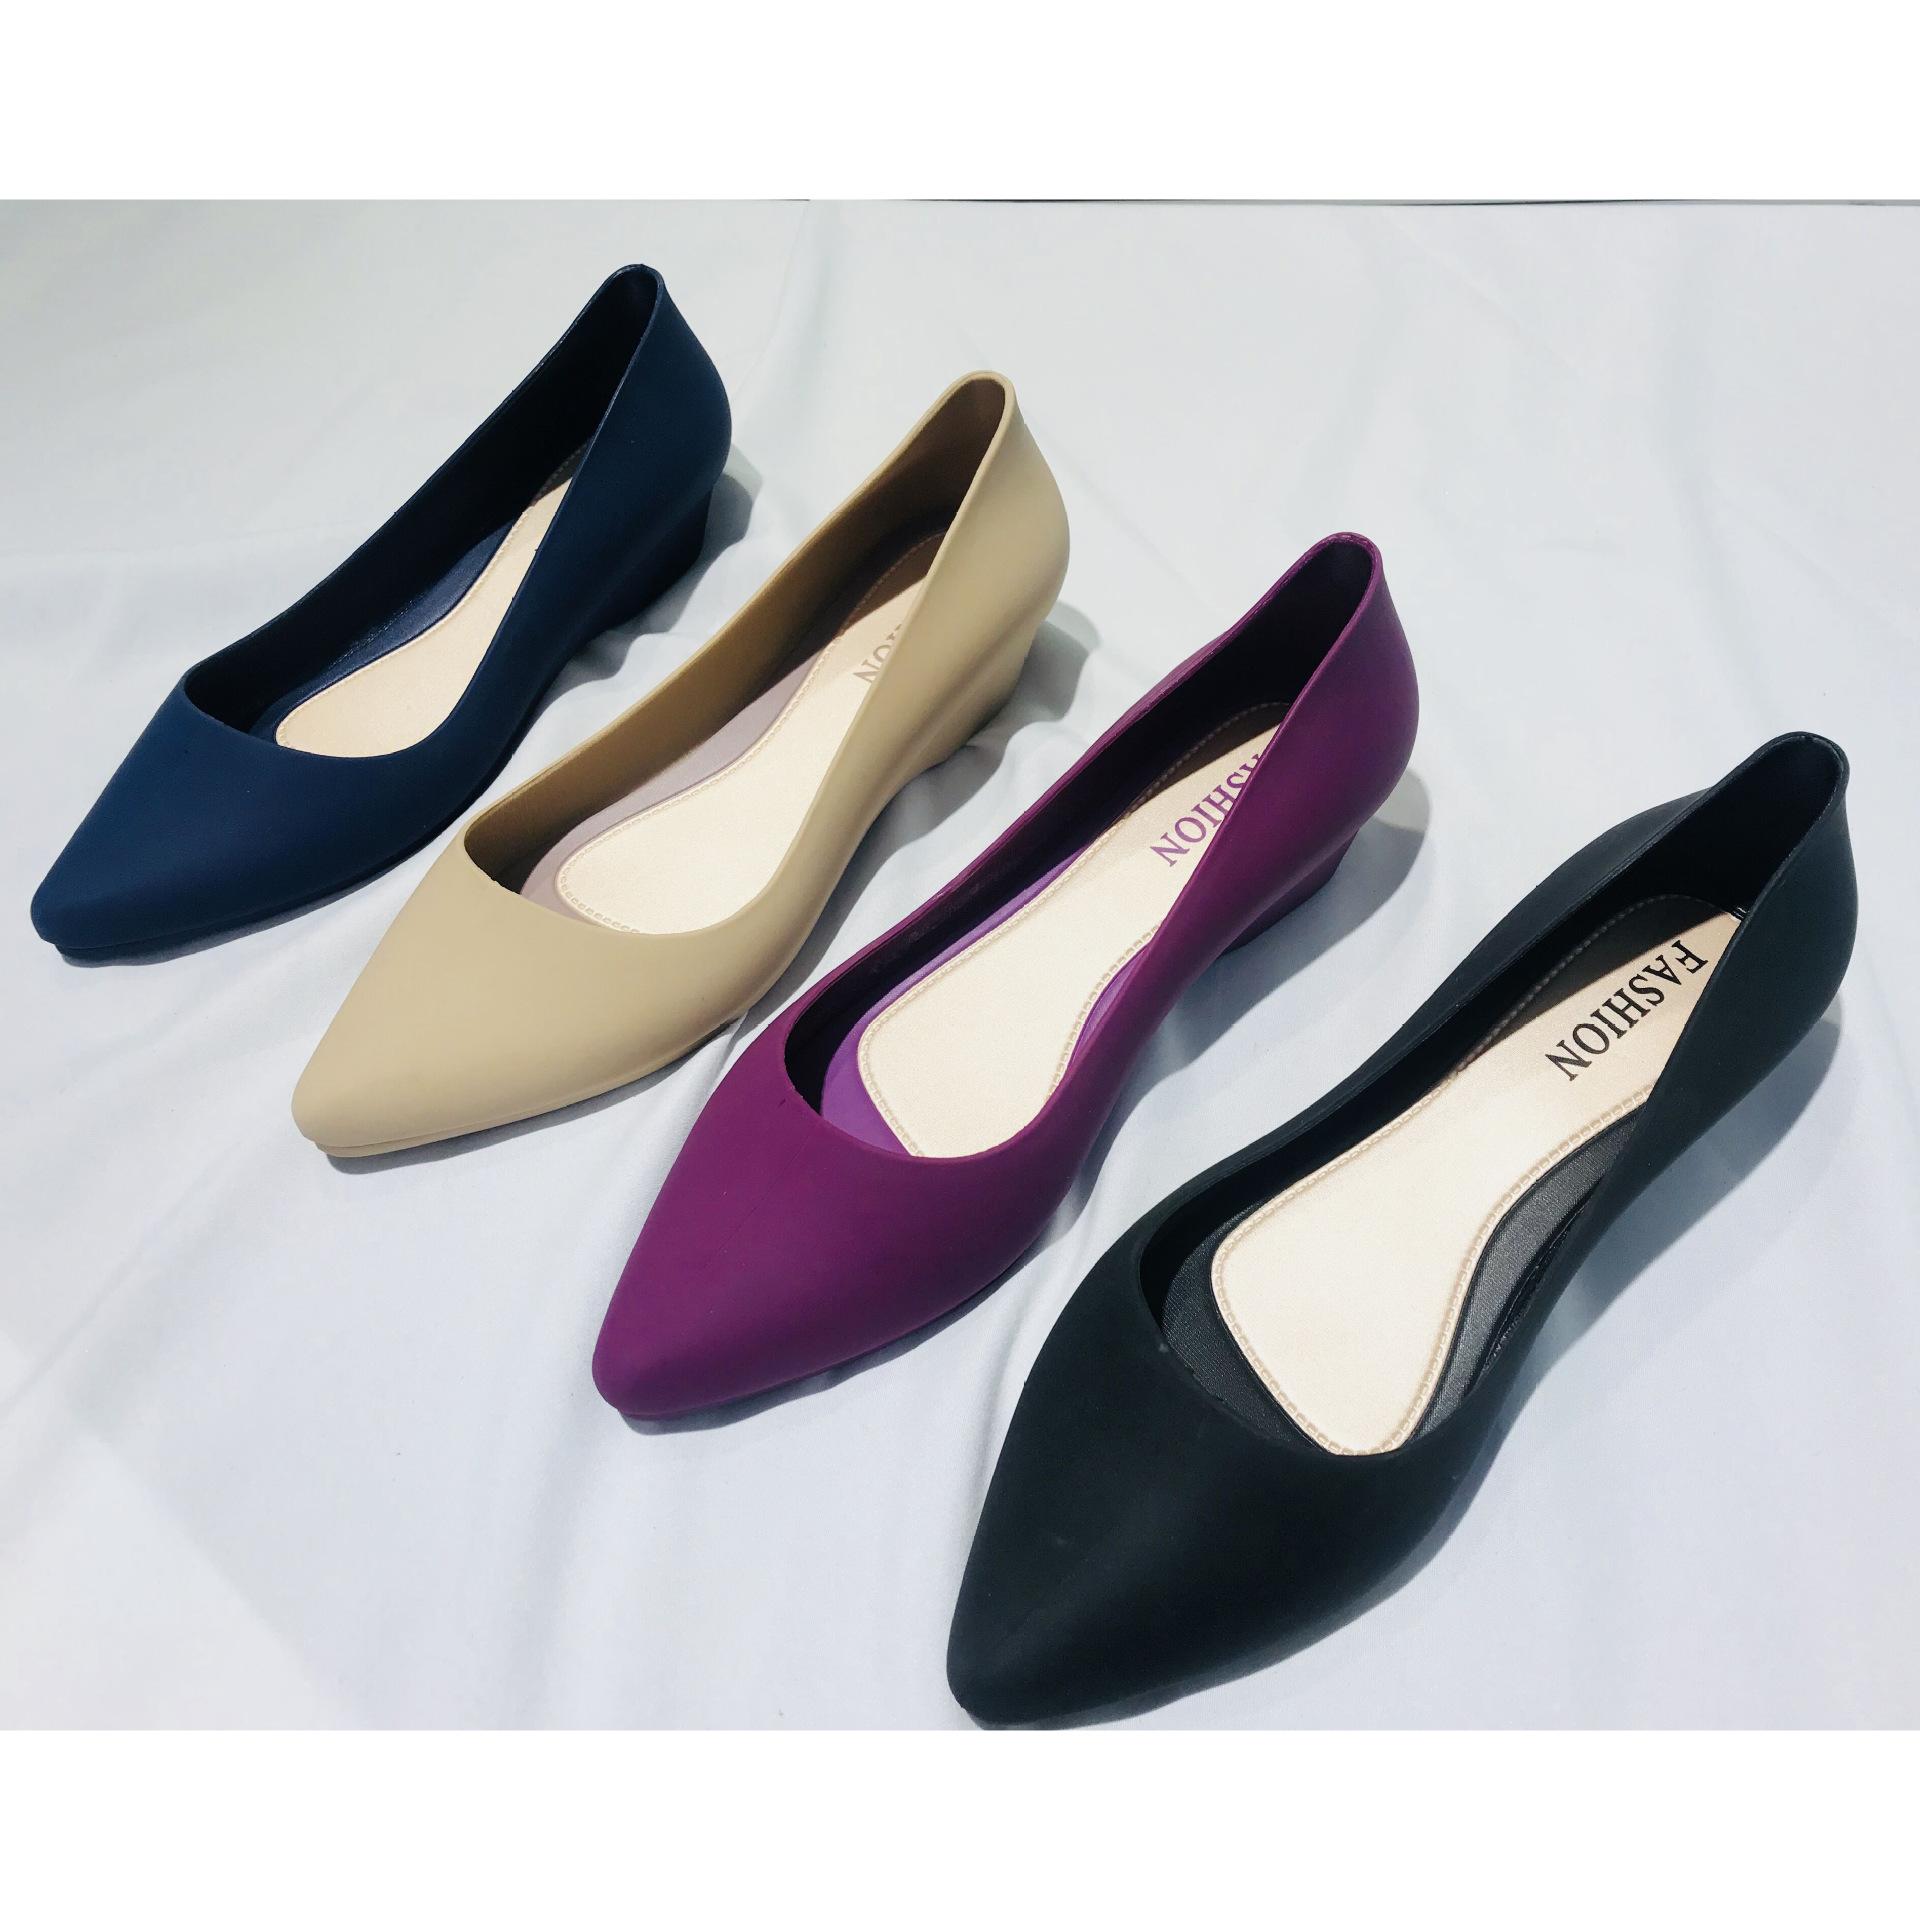 新款尖頭單鞋女四季鞋平跟淺口果凍鞋坡跟橡膠鞋休閑工作單跟鞋女